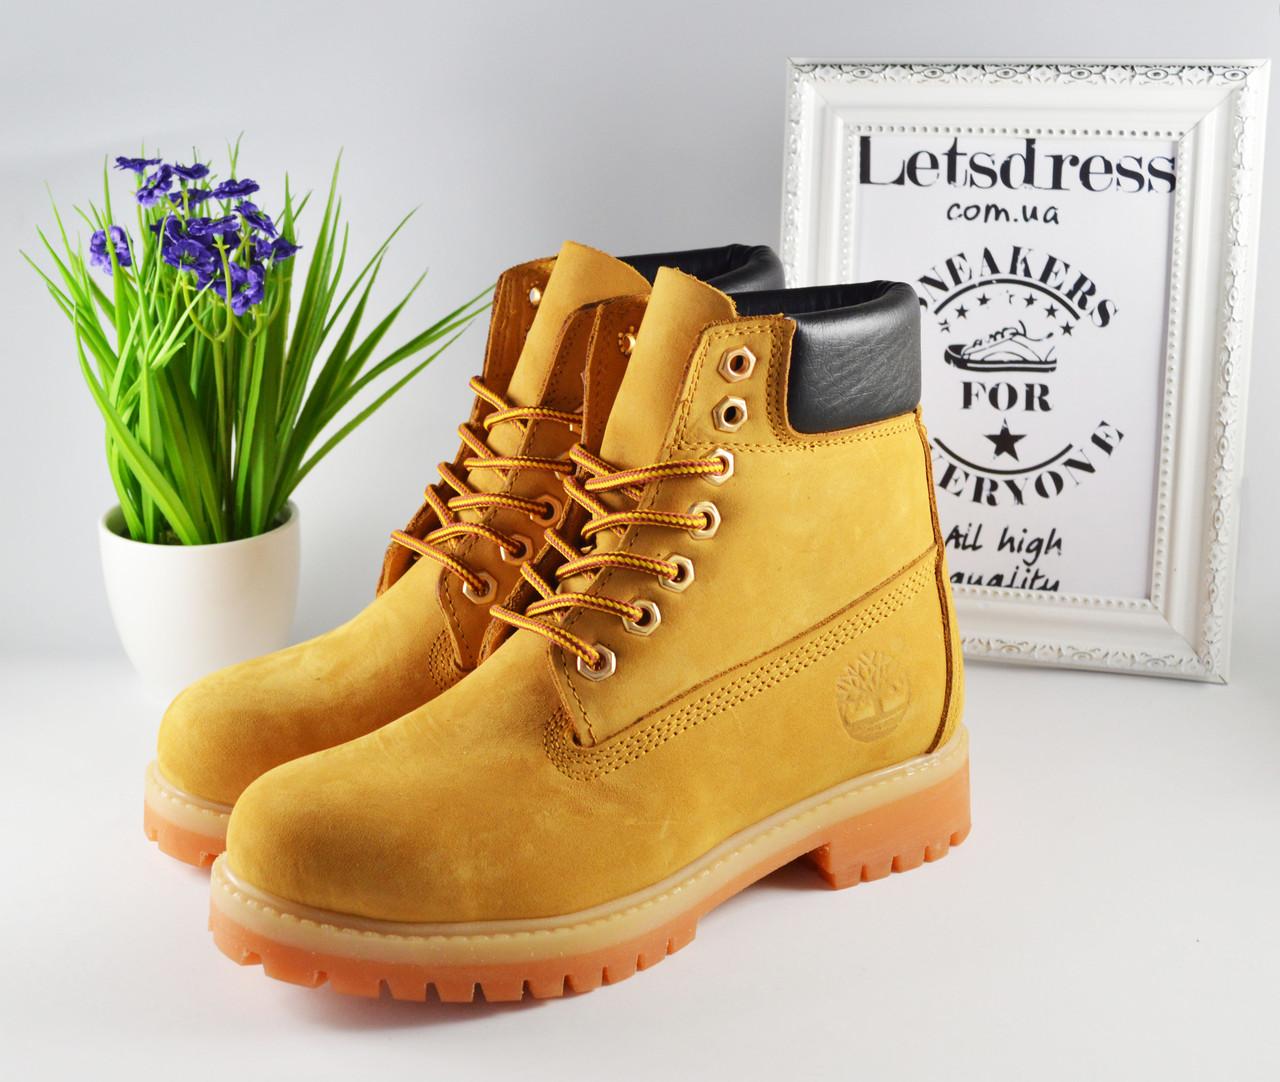 Женские ботинки Timberland кожаные ТЕРМО Тимберленд желтые, бежевые 38